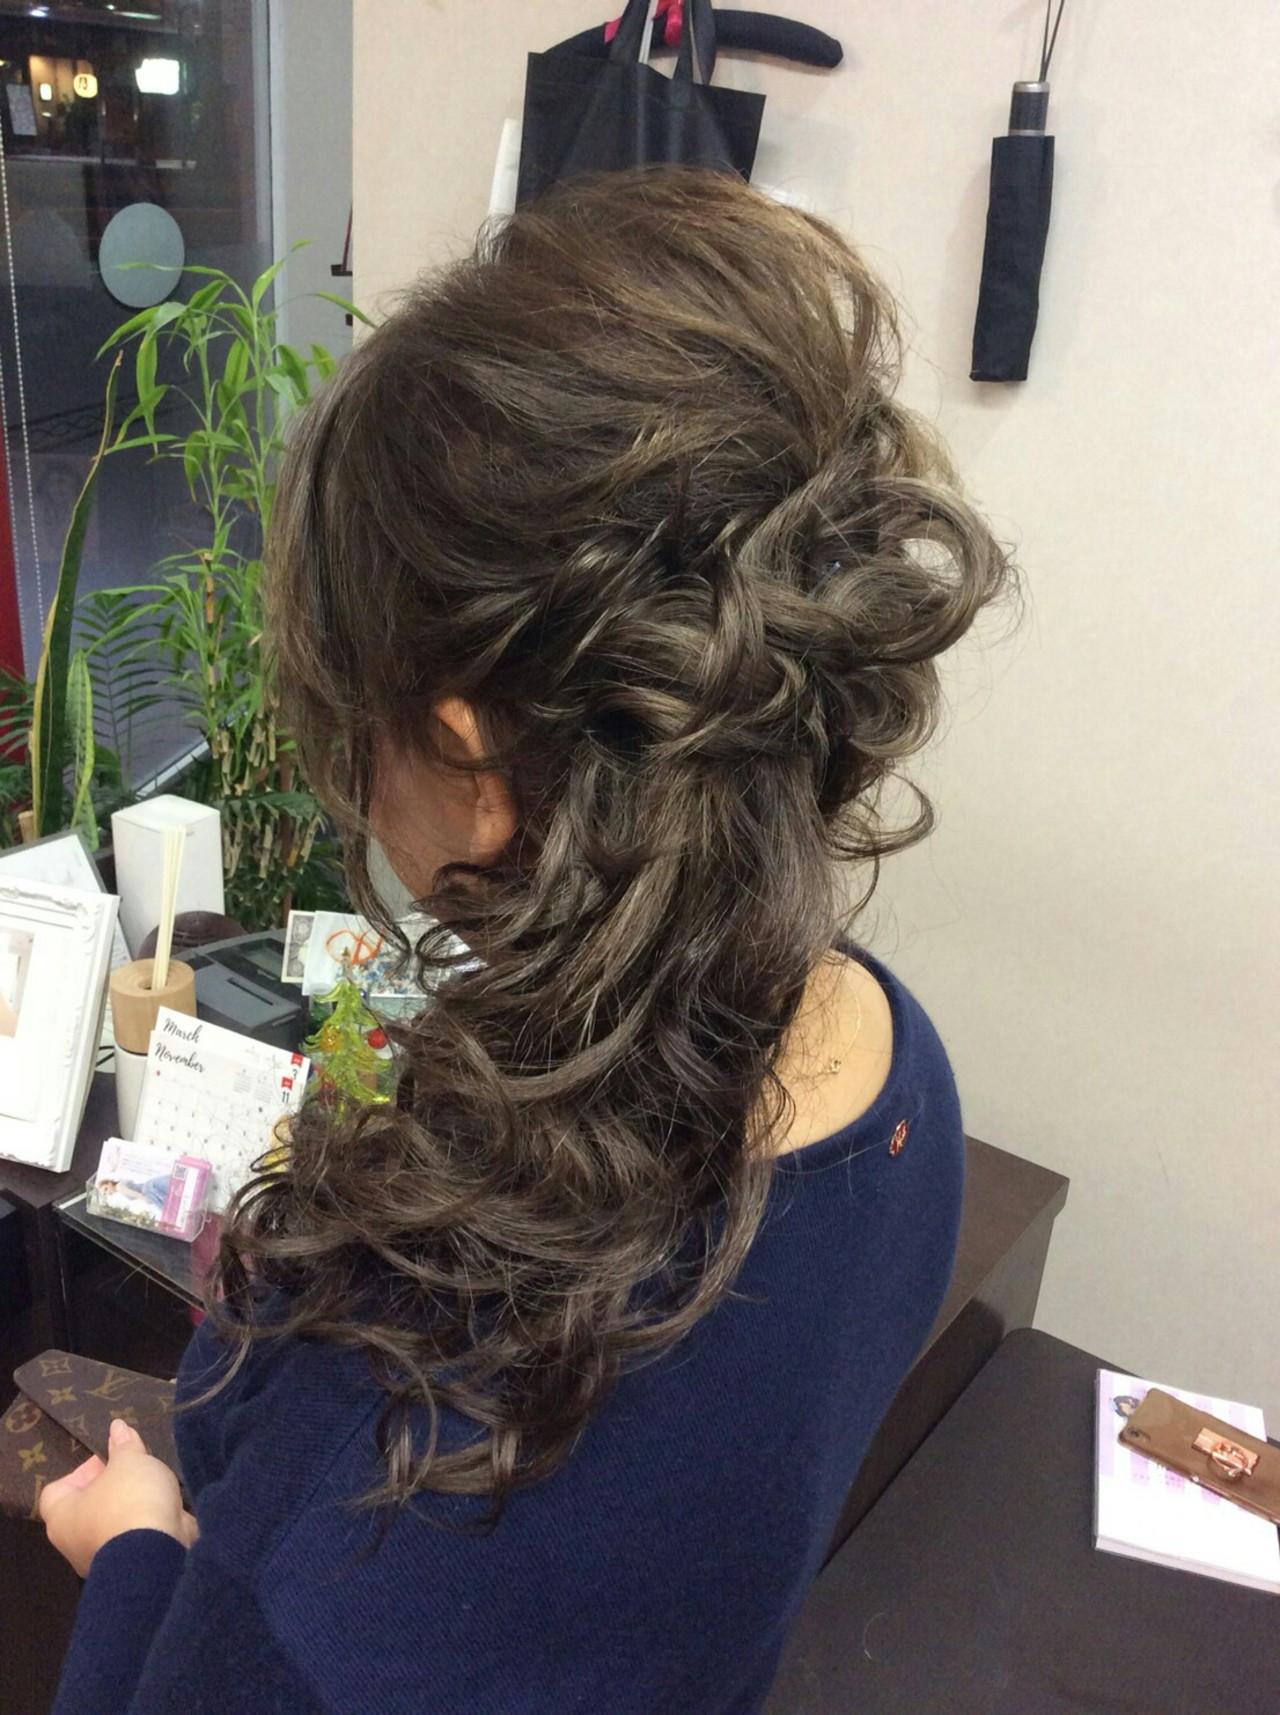 ヘアアレンジ ロング ナチュラル ポニーテール ヘアスタイルや髪型の写真・画像